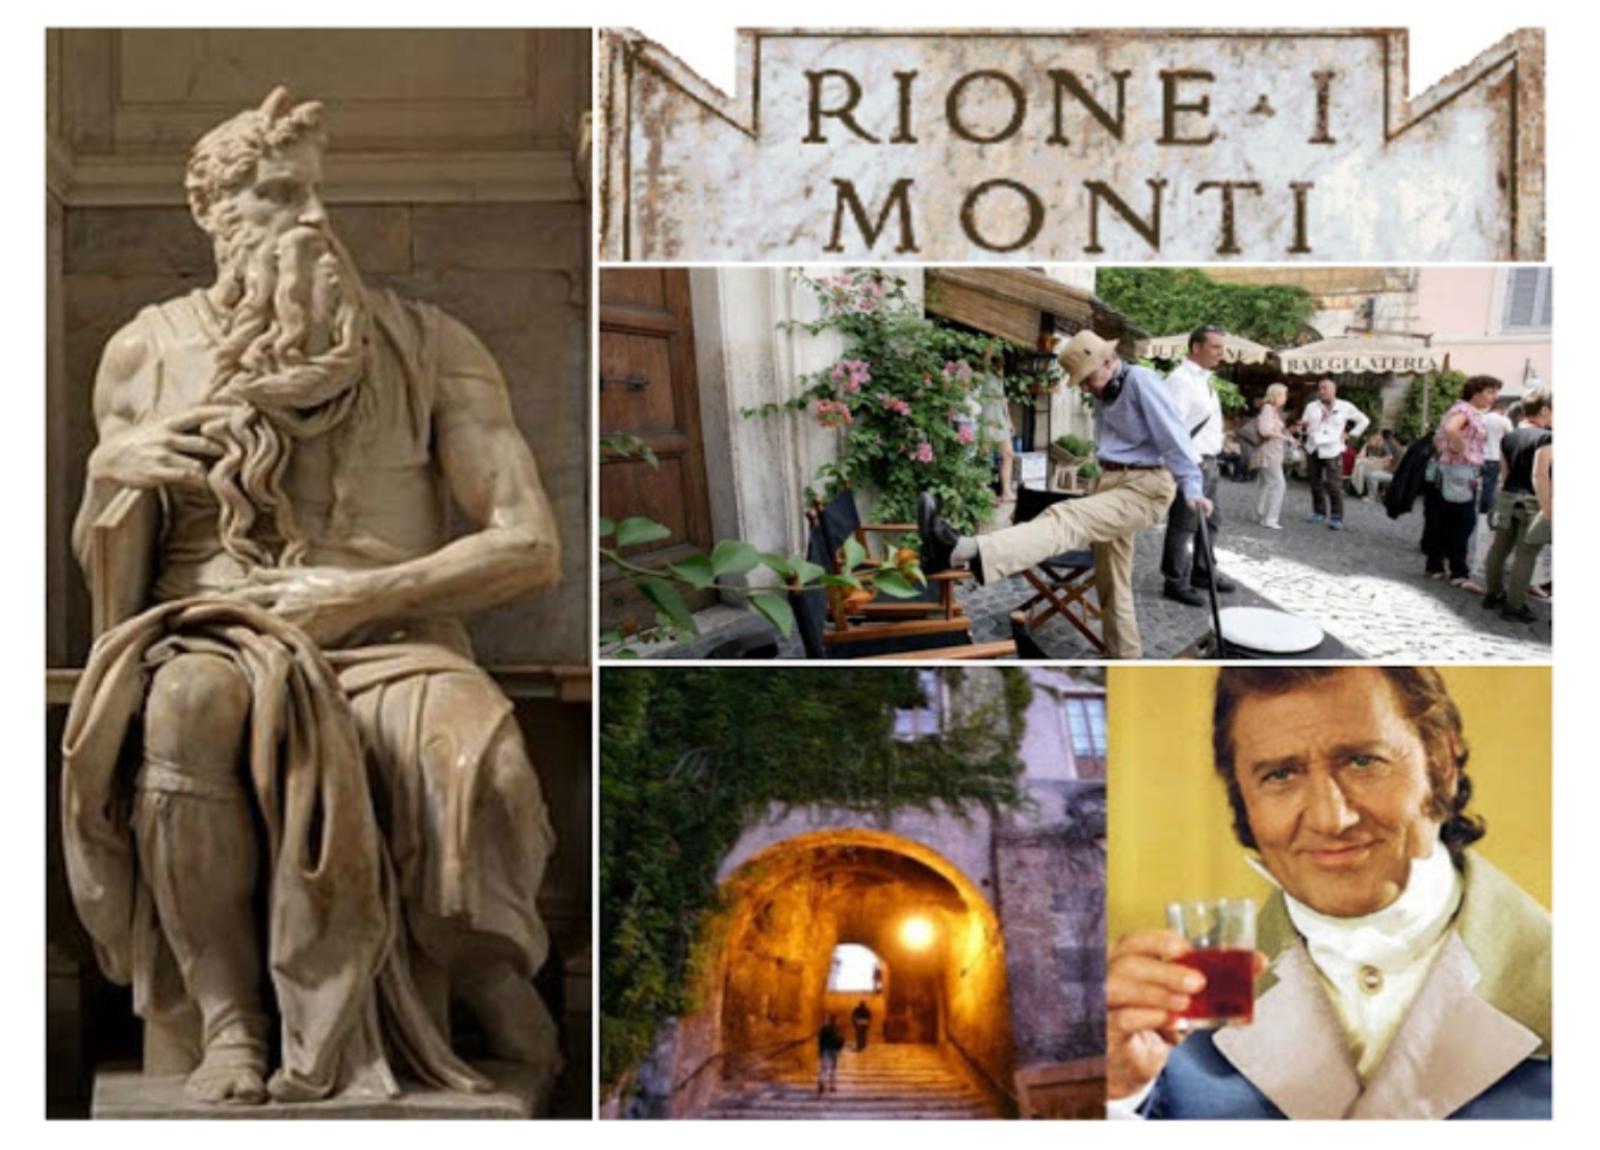 Sabato 06/06/20, h 18.00 - Visita guidata - Rione Monti